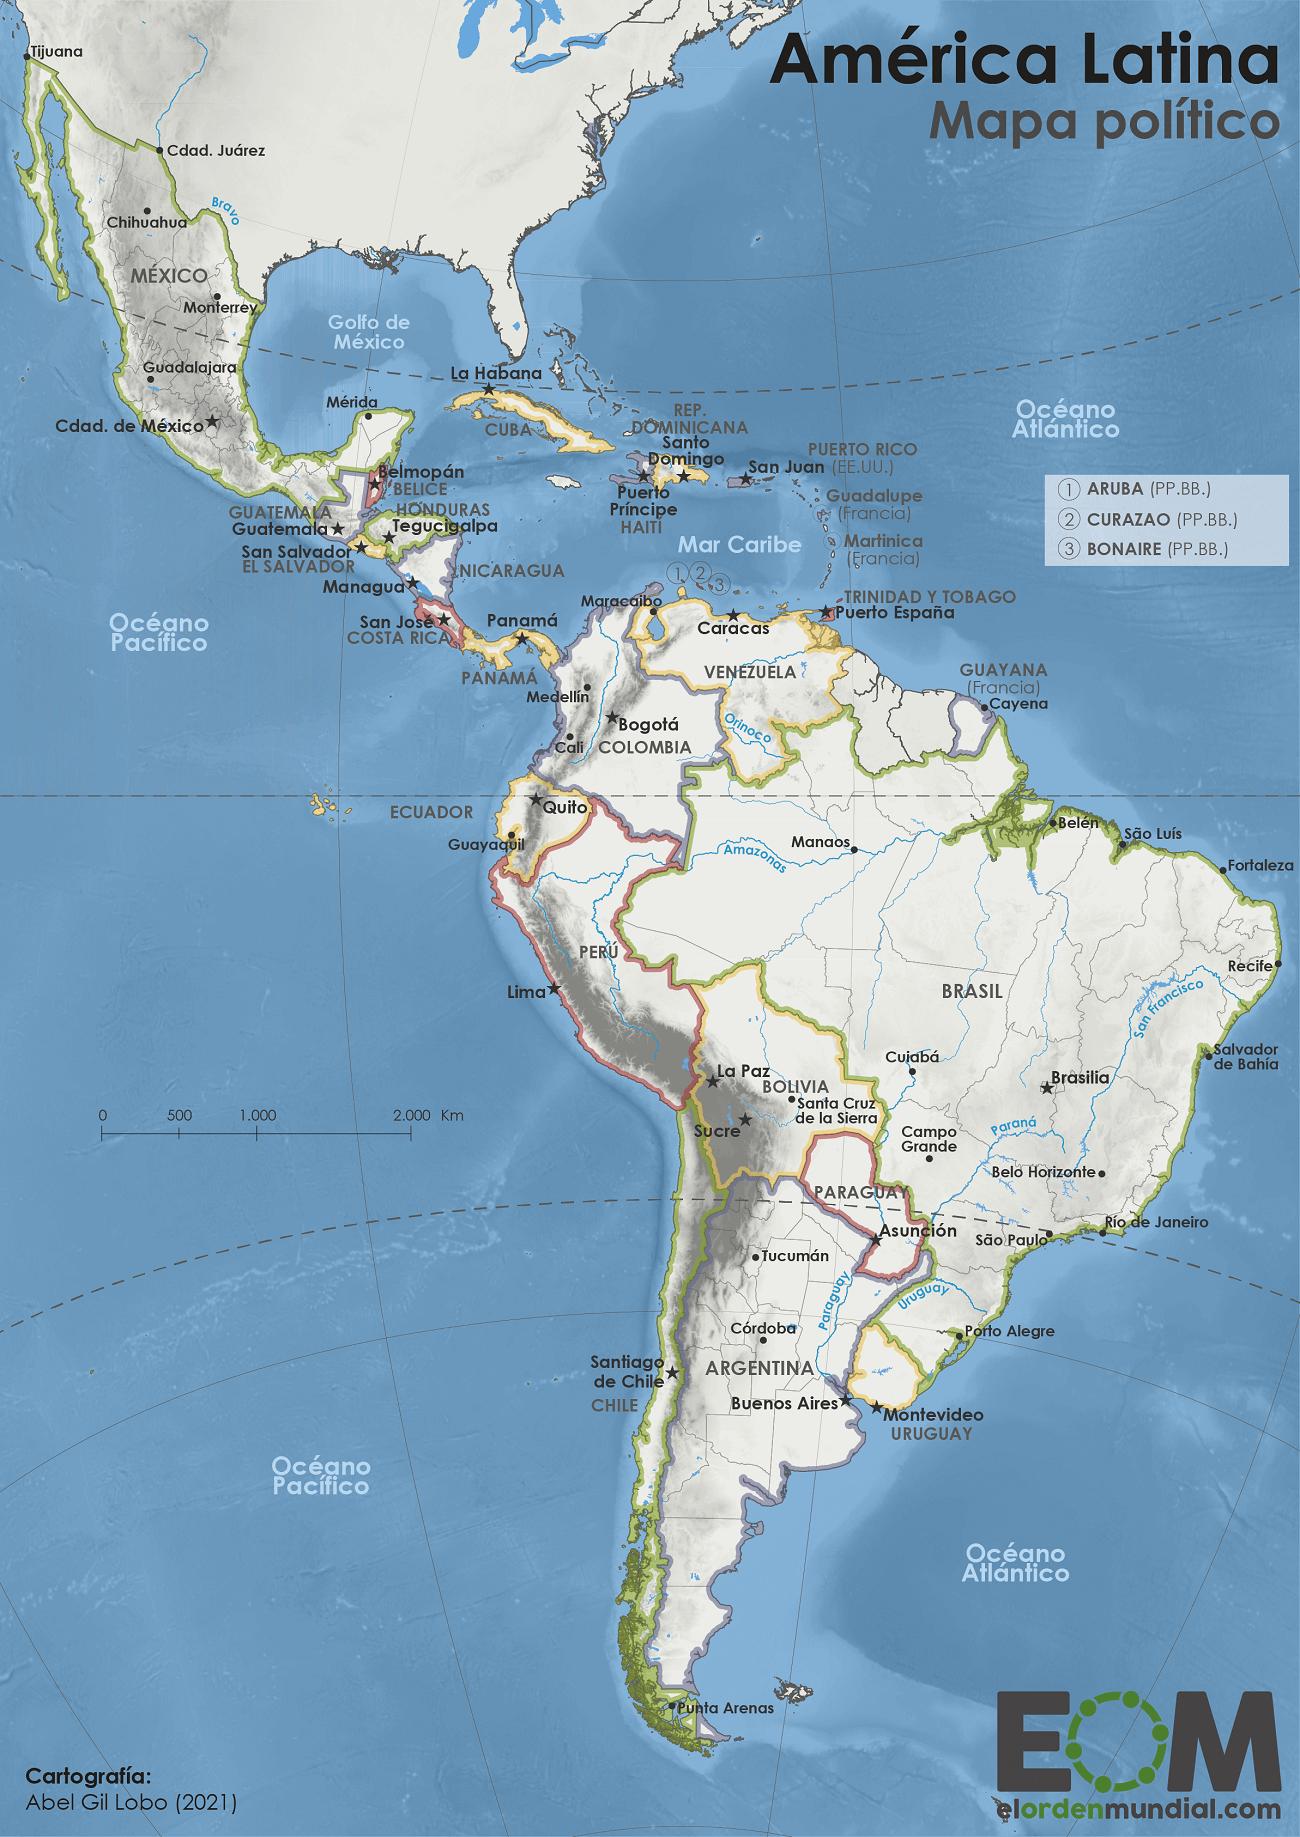 Mapa político de América Latina